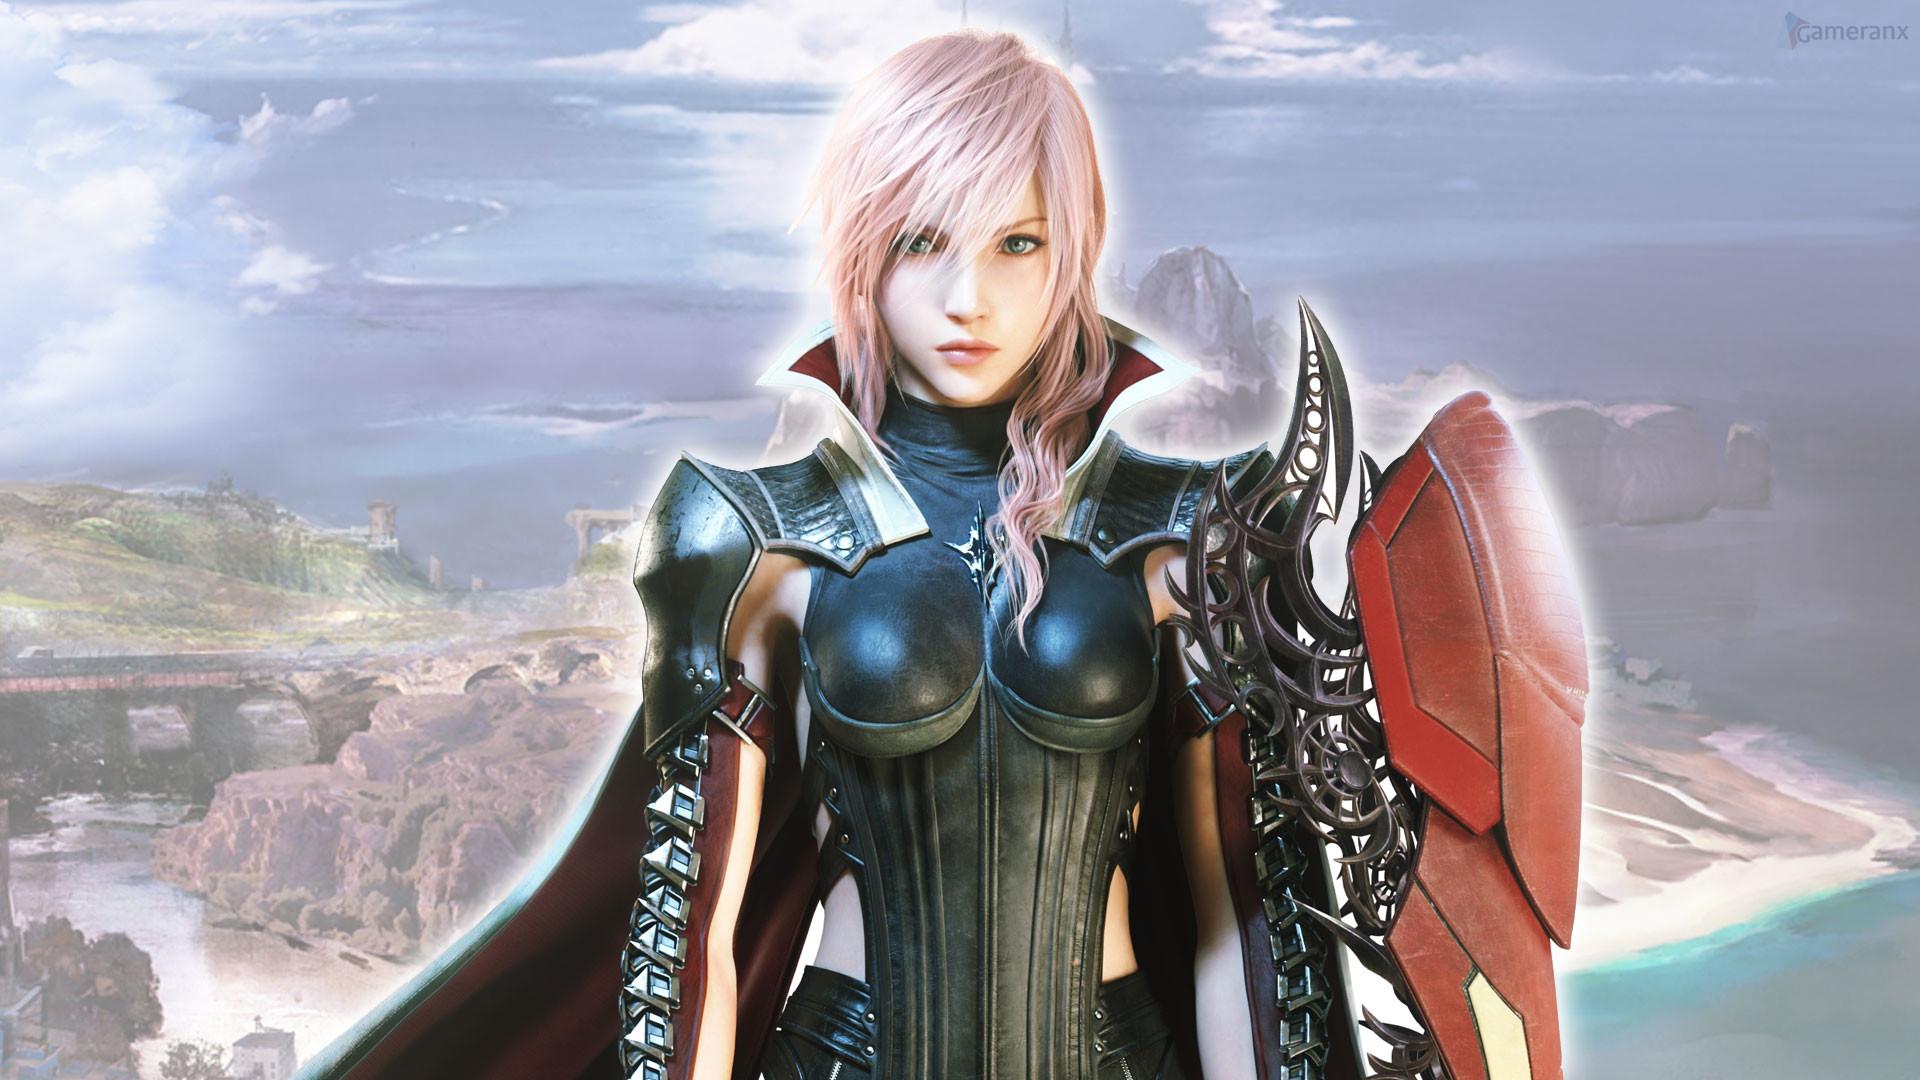 Final Fantasy 13 Lightning Wallpaper HD #6969185